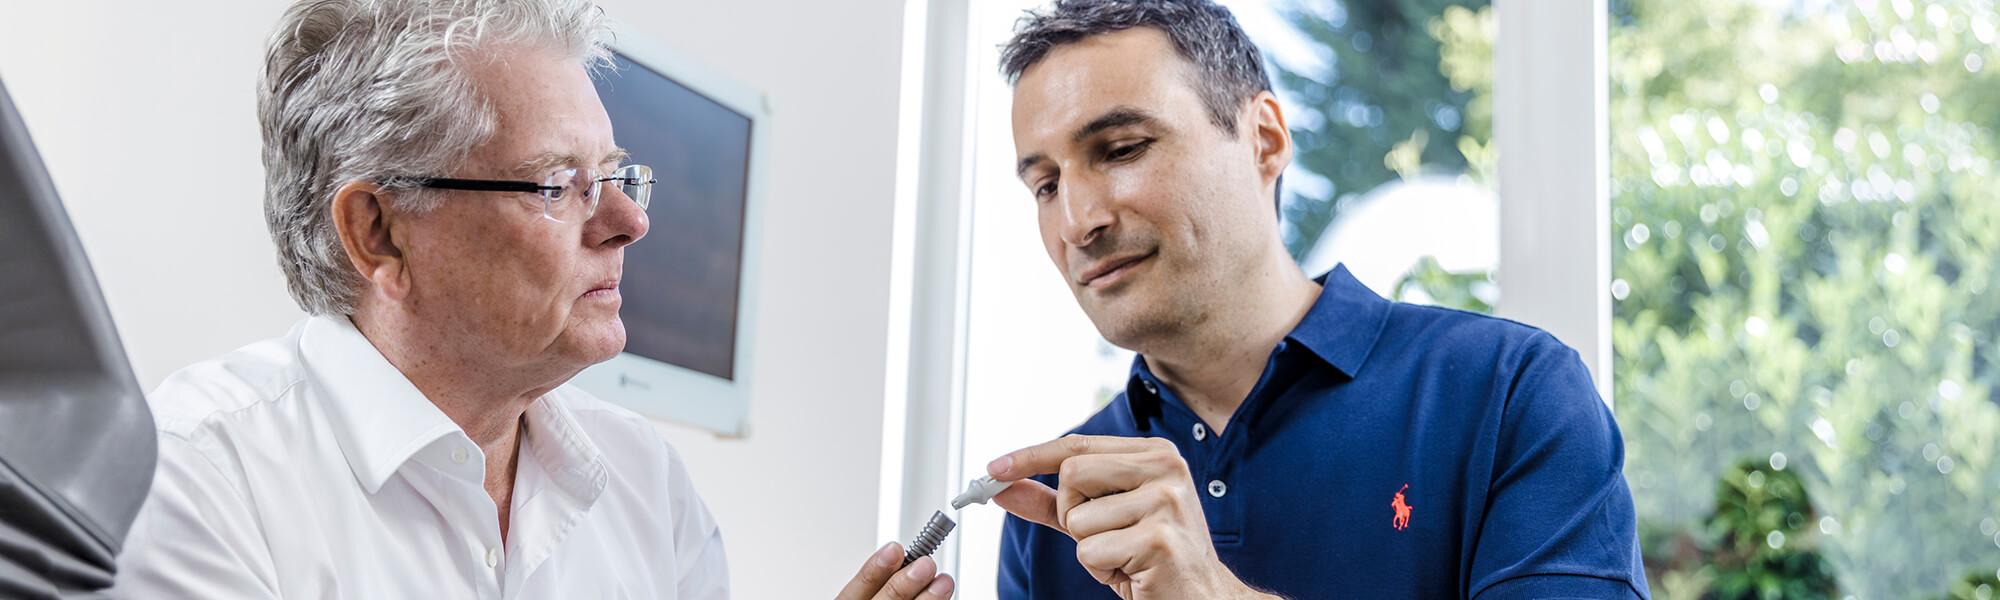 Implantologie Viersen - Guen - Slider